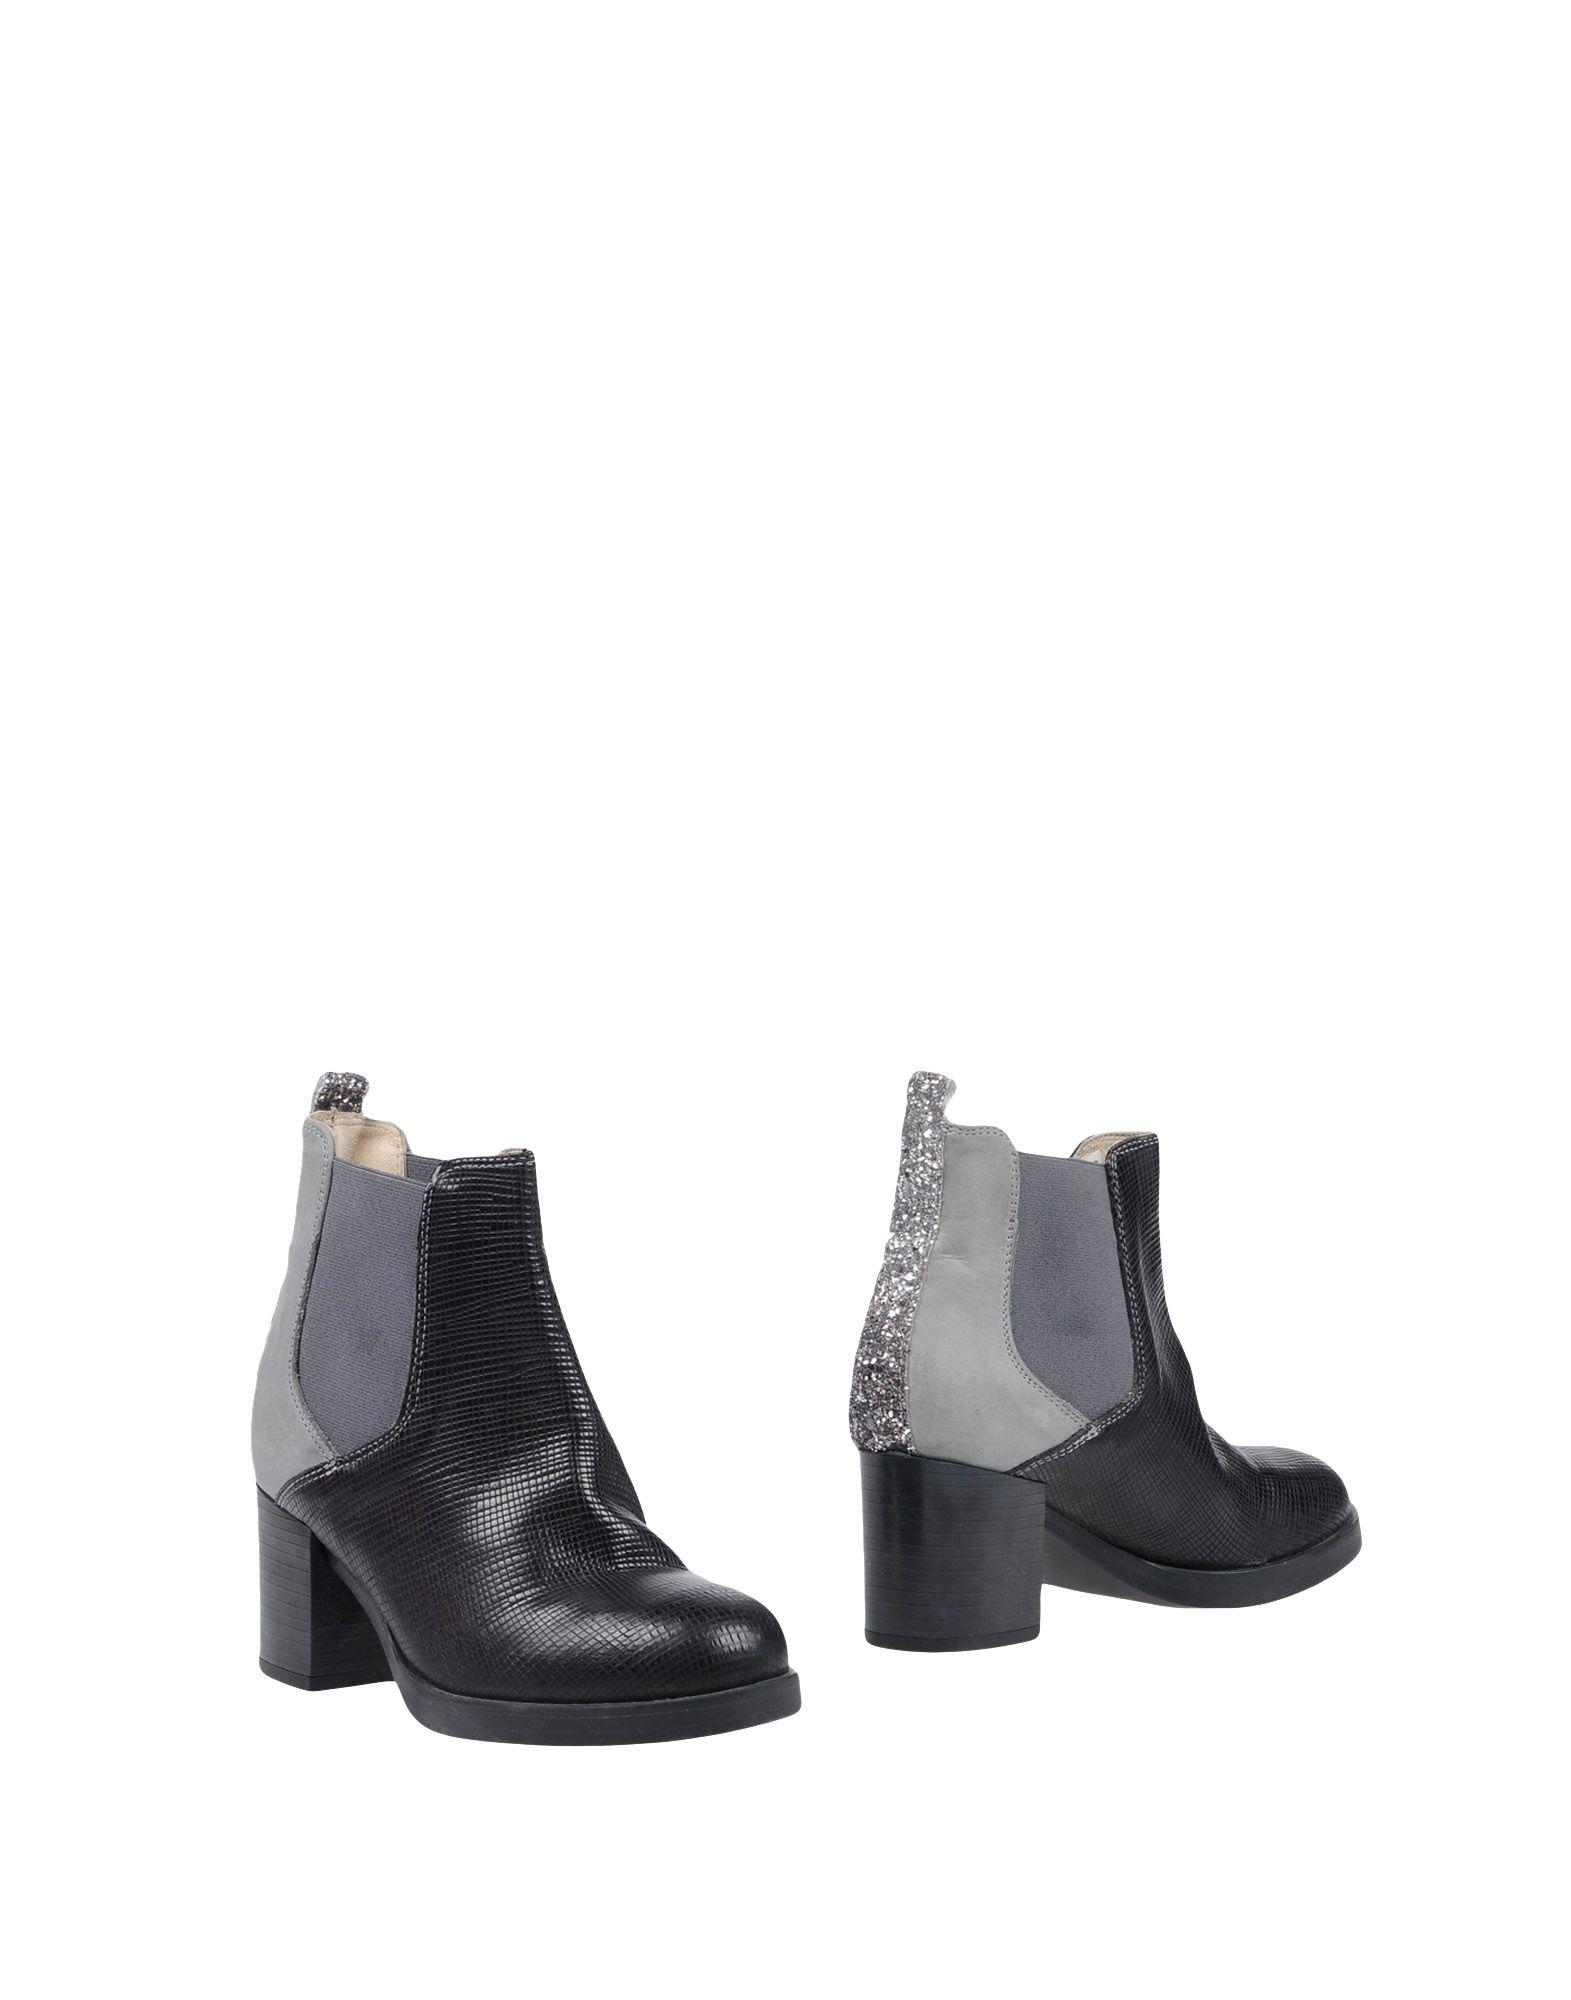 Ebarrito Ebarrito Ankle Boot - Women Ebarrito Ebarrito Ankle Boots online on  Canada - 11458103TQ 34ce89